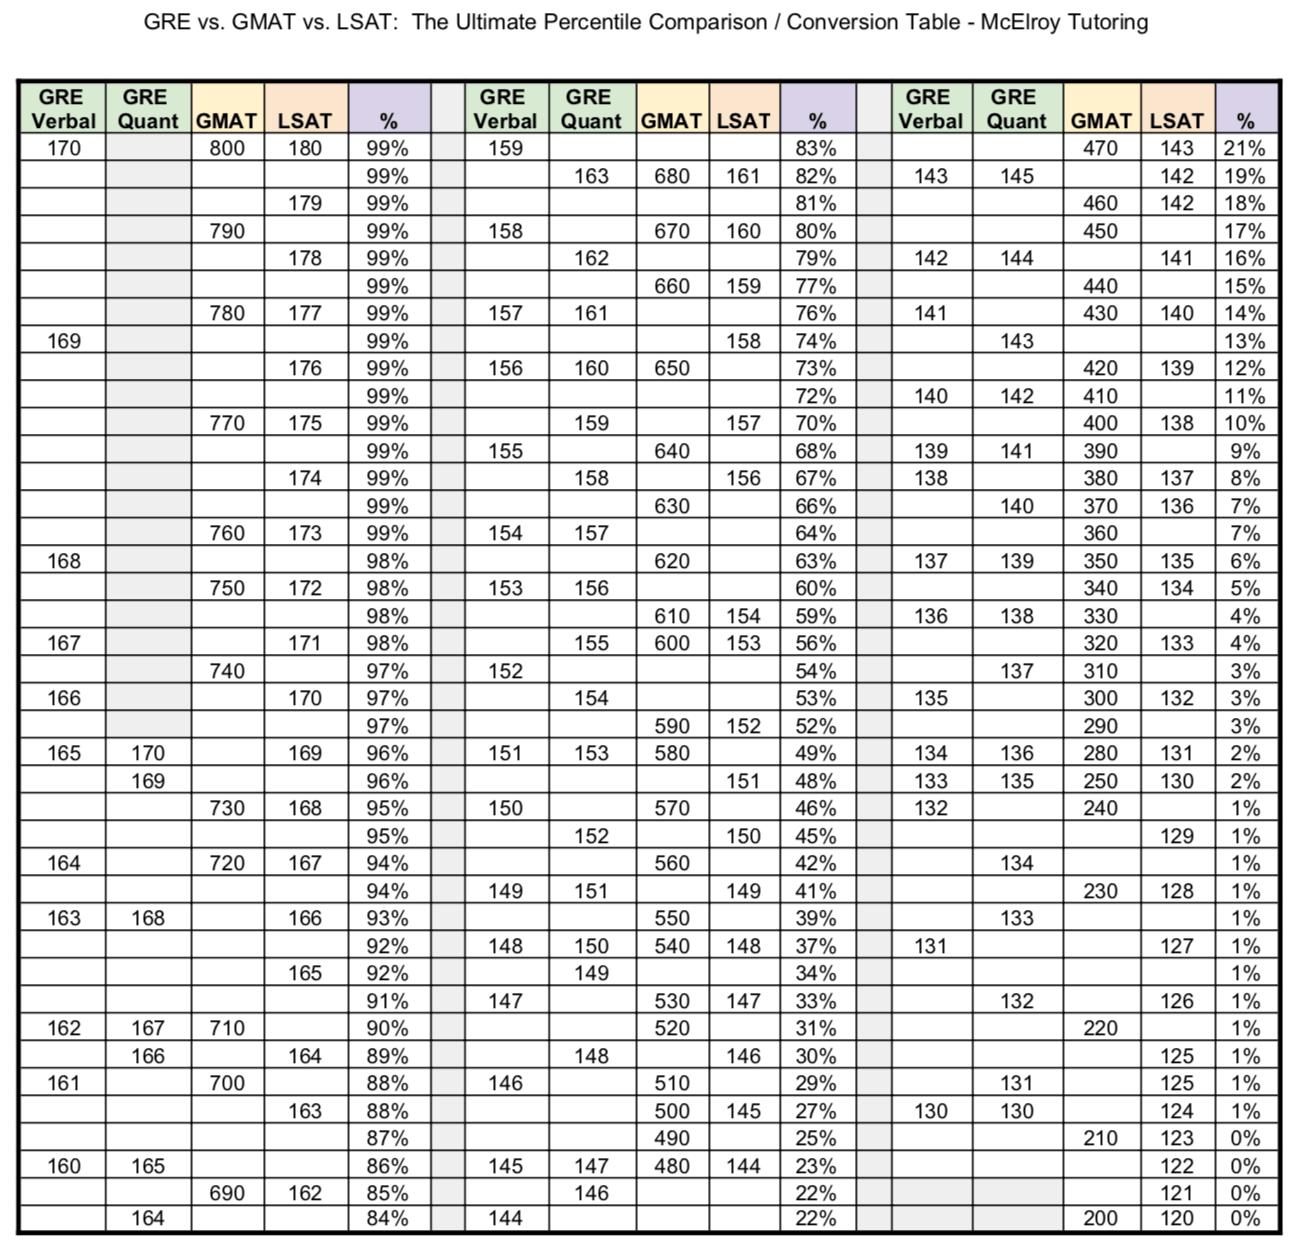 GRE vs. GMAT vs. LSAT: The Ultimate Percentile Comparison / Conversion Table (Source: McElroy Tutoring) : GMAT